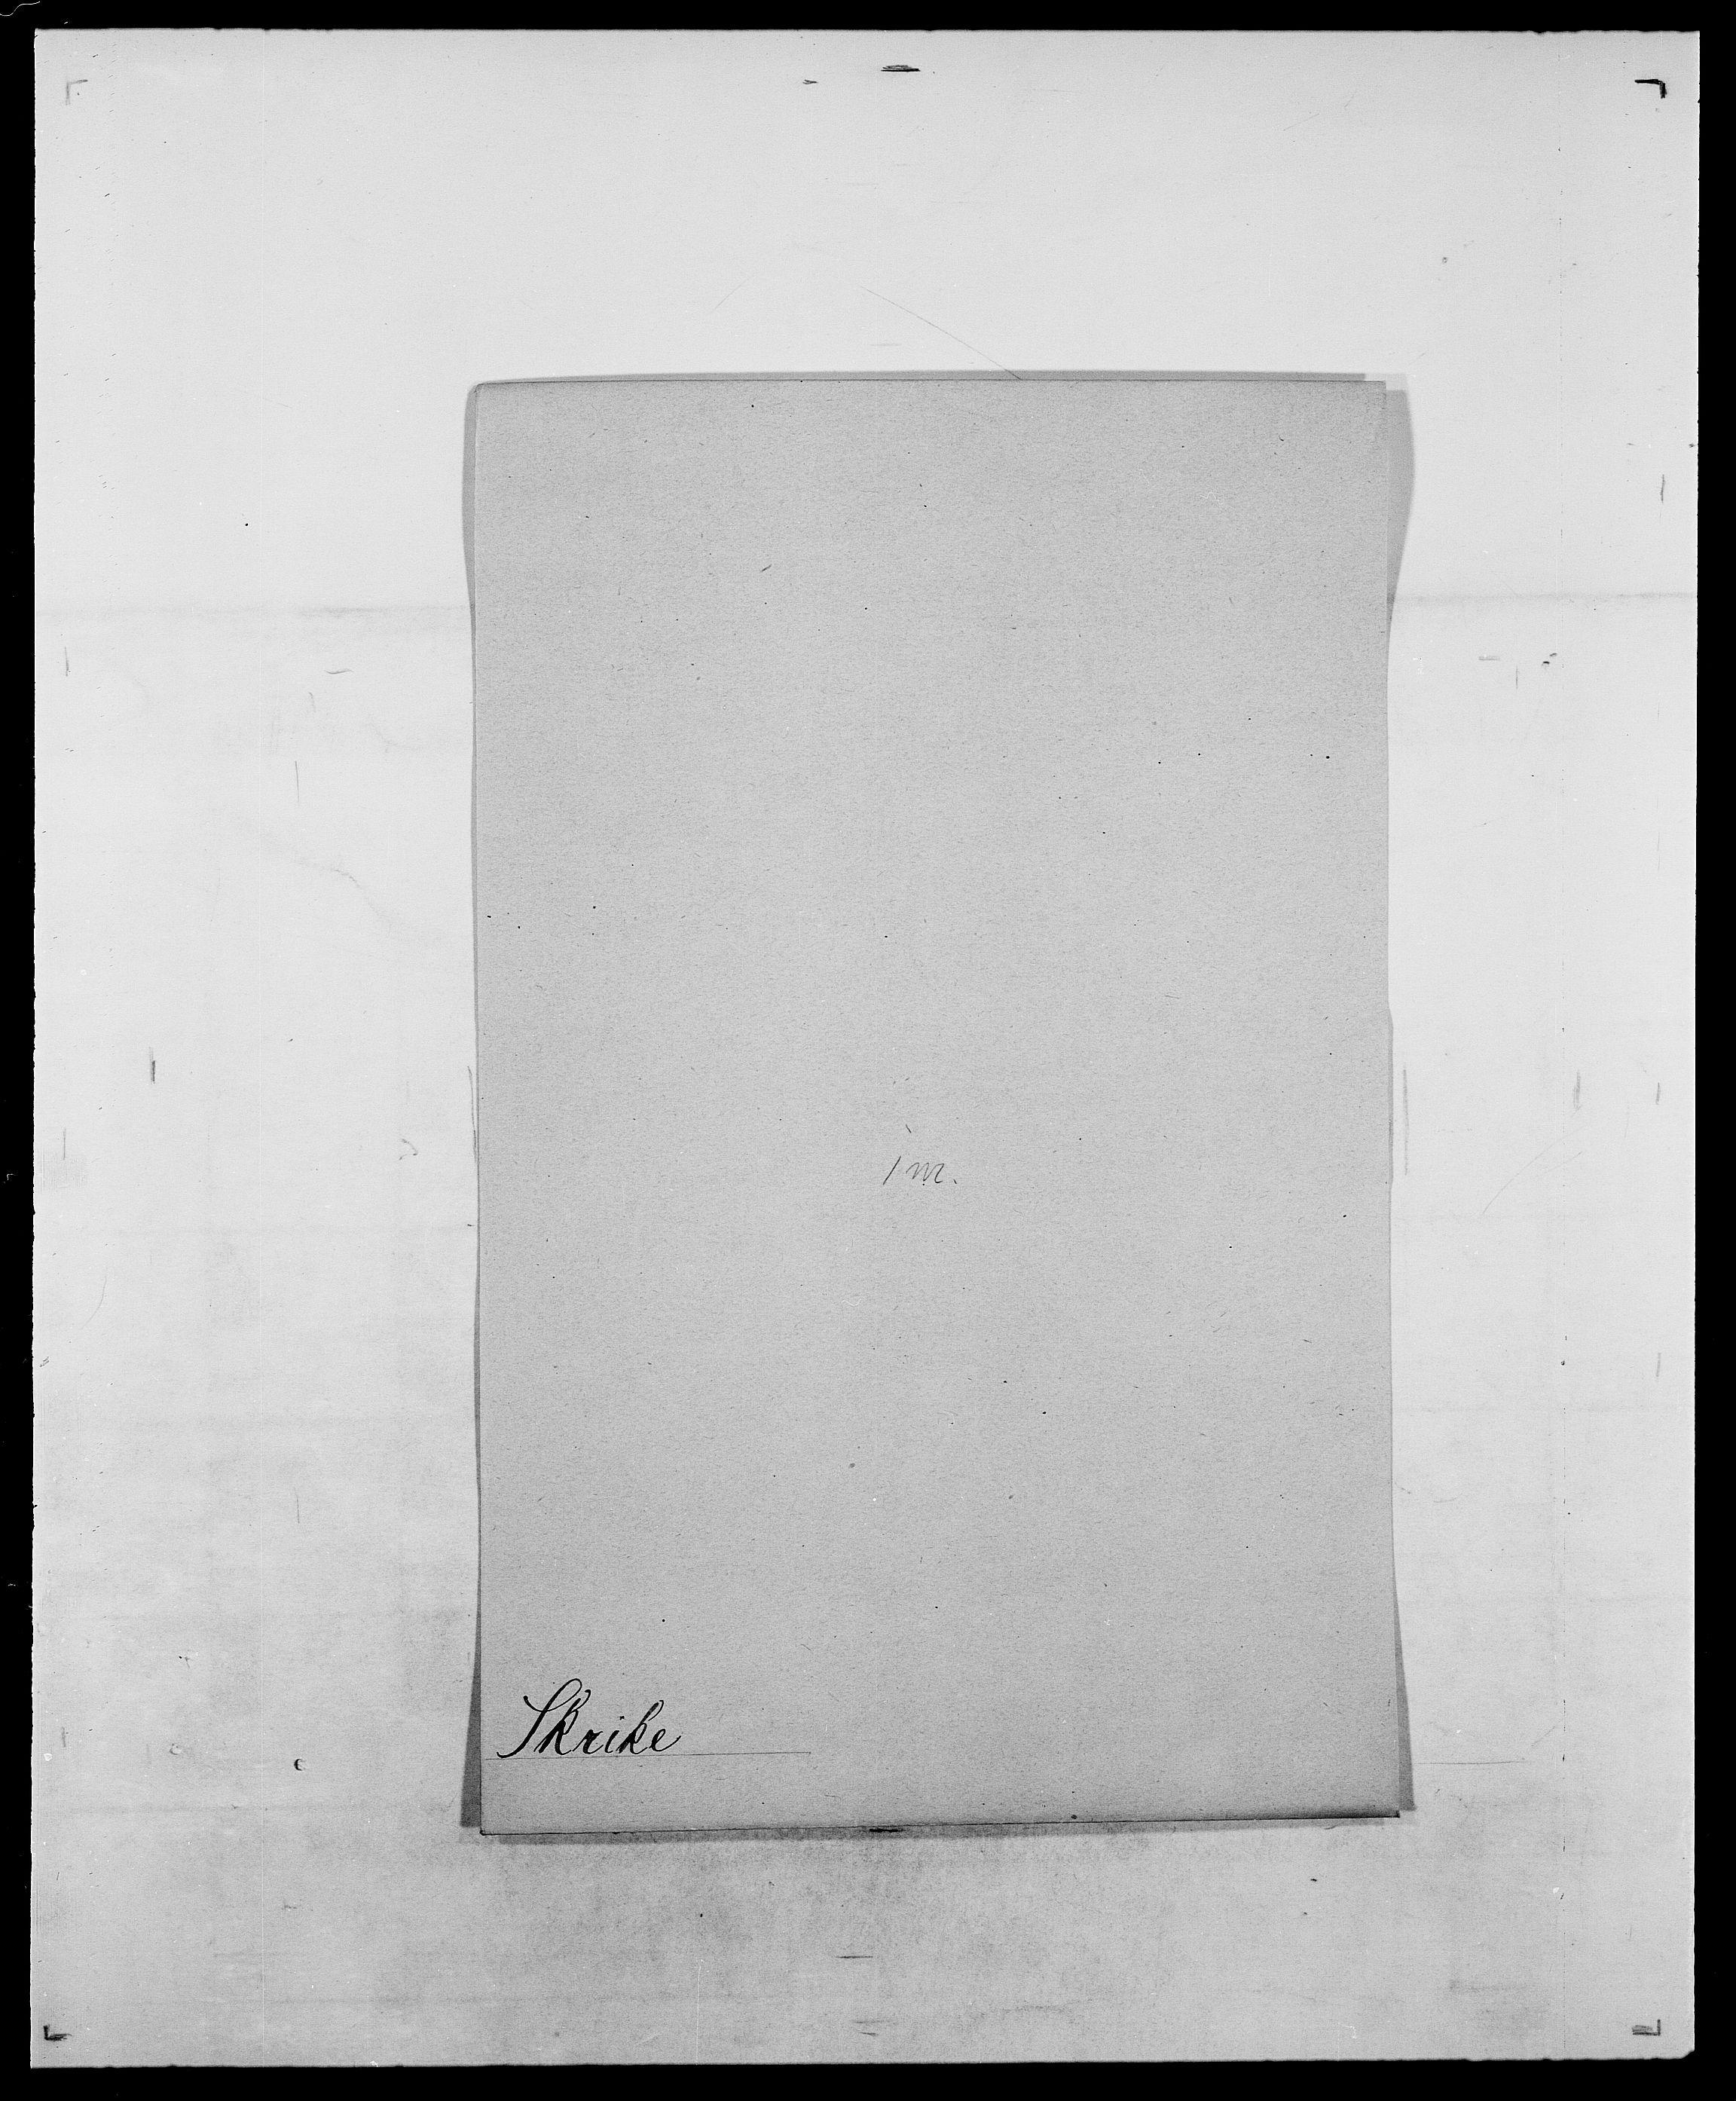 SAO, Delgobe, Charles Antoine - samling, D/Da/L0036: Skaanør - Staverskov, s. 66